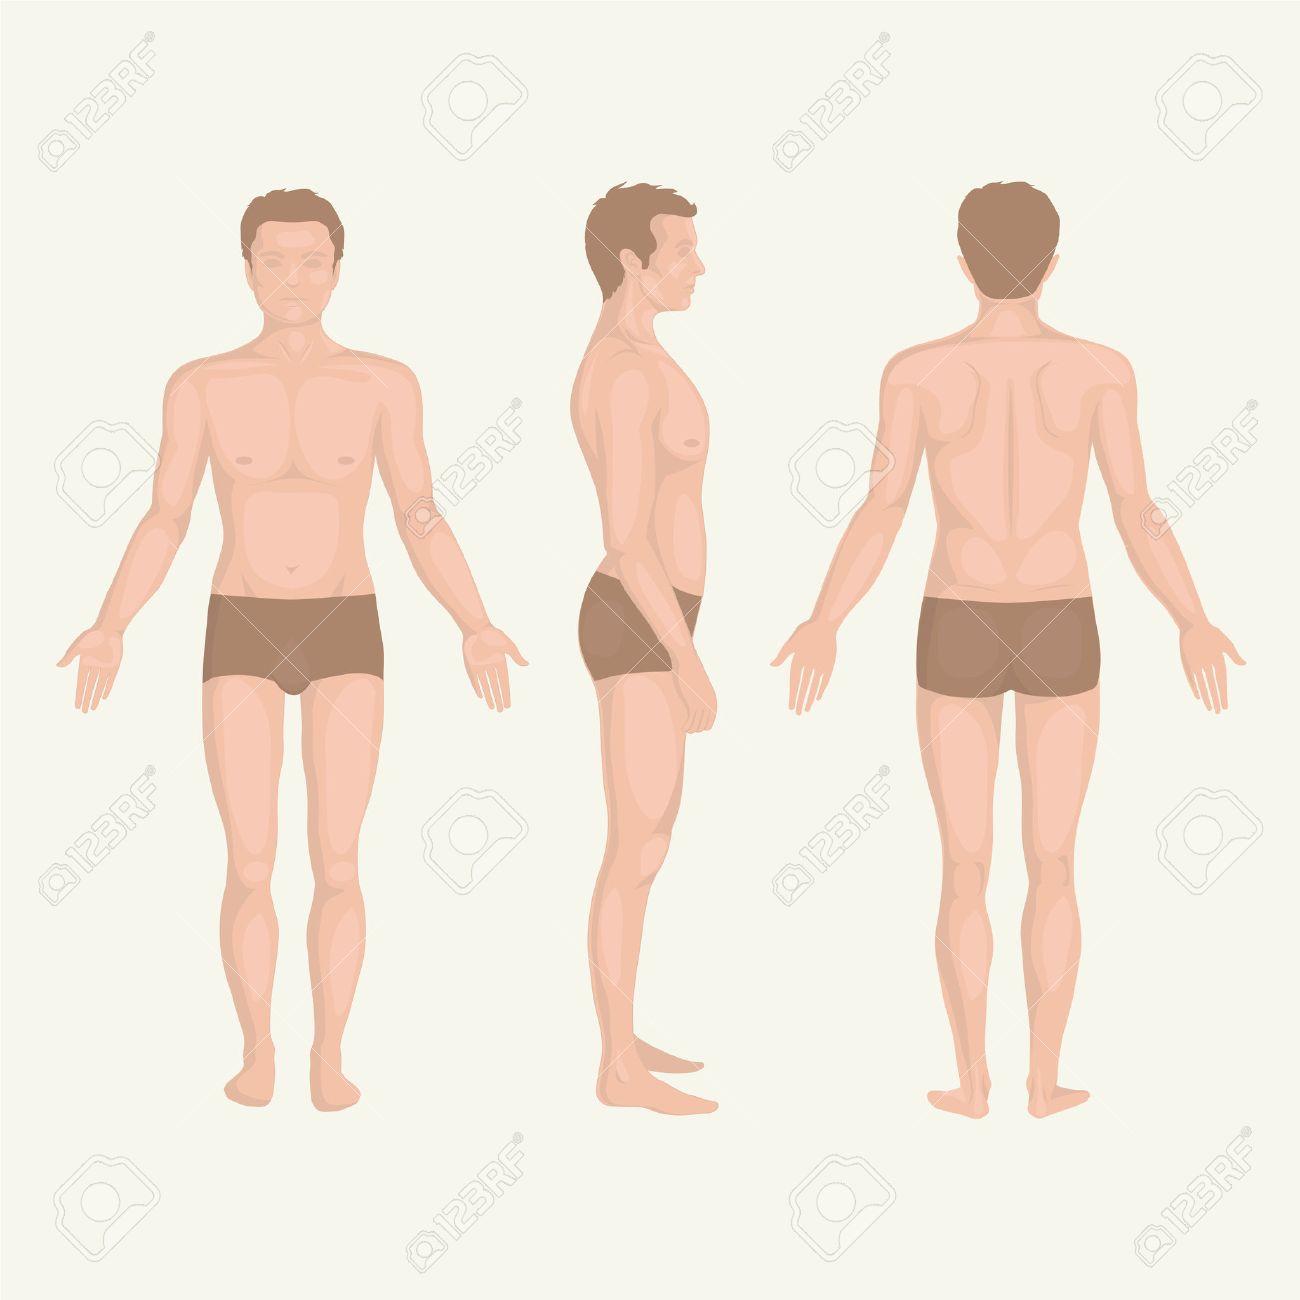 Mann Körper Anatomie, Vorne, Hinten Und Seitlich Stehenden Haltung ...